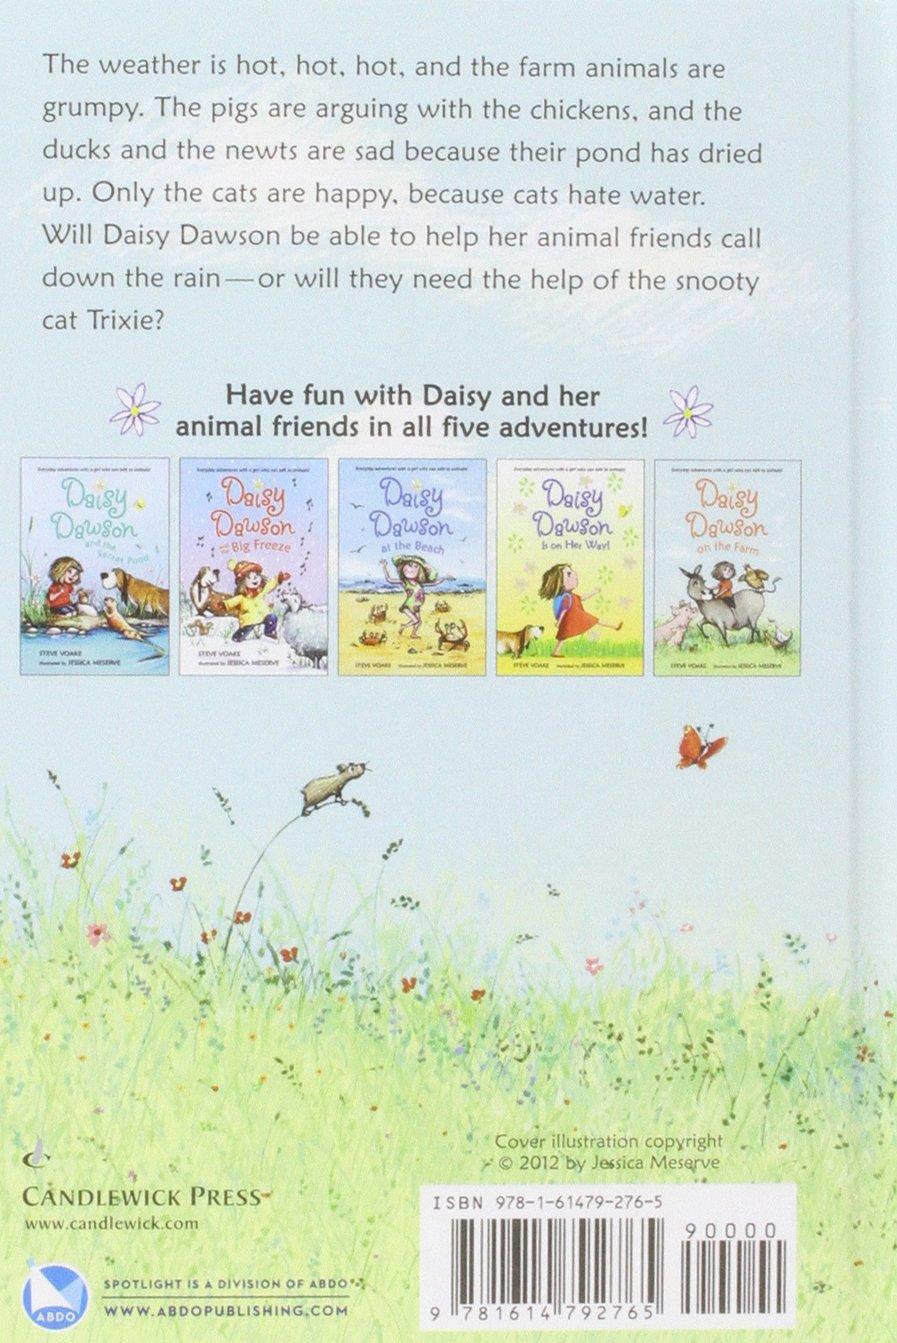 Amazon.com: Daisy Dawson (9781614792710): Steve Voake, Jessica Meserve:  Books